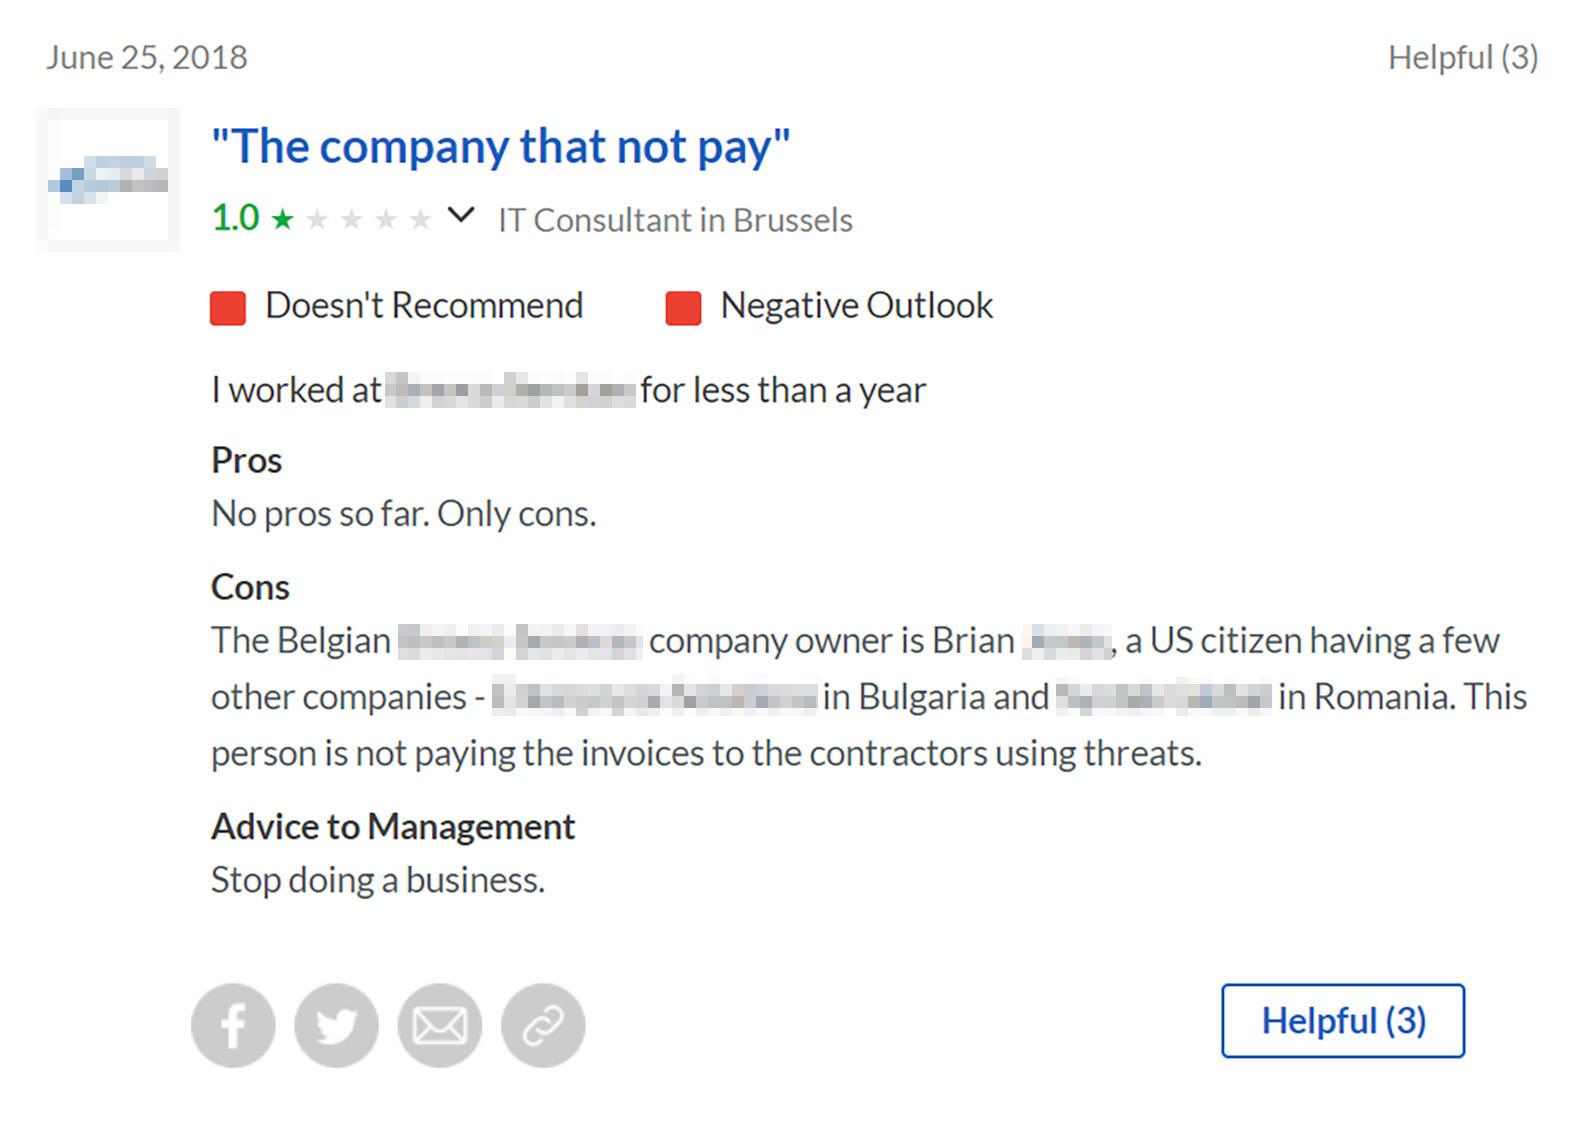 Так выглядел негативный отзыв о компании на Glassdoor. Сайт не удаляет отзывы, зато сам работодатель может ответить и попытаться снизить негатив. Но здесь компания окончательно утопила собственную репутацию истерическим комментарием с угрозами